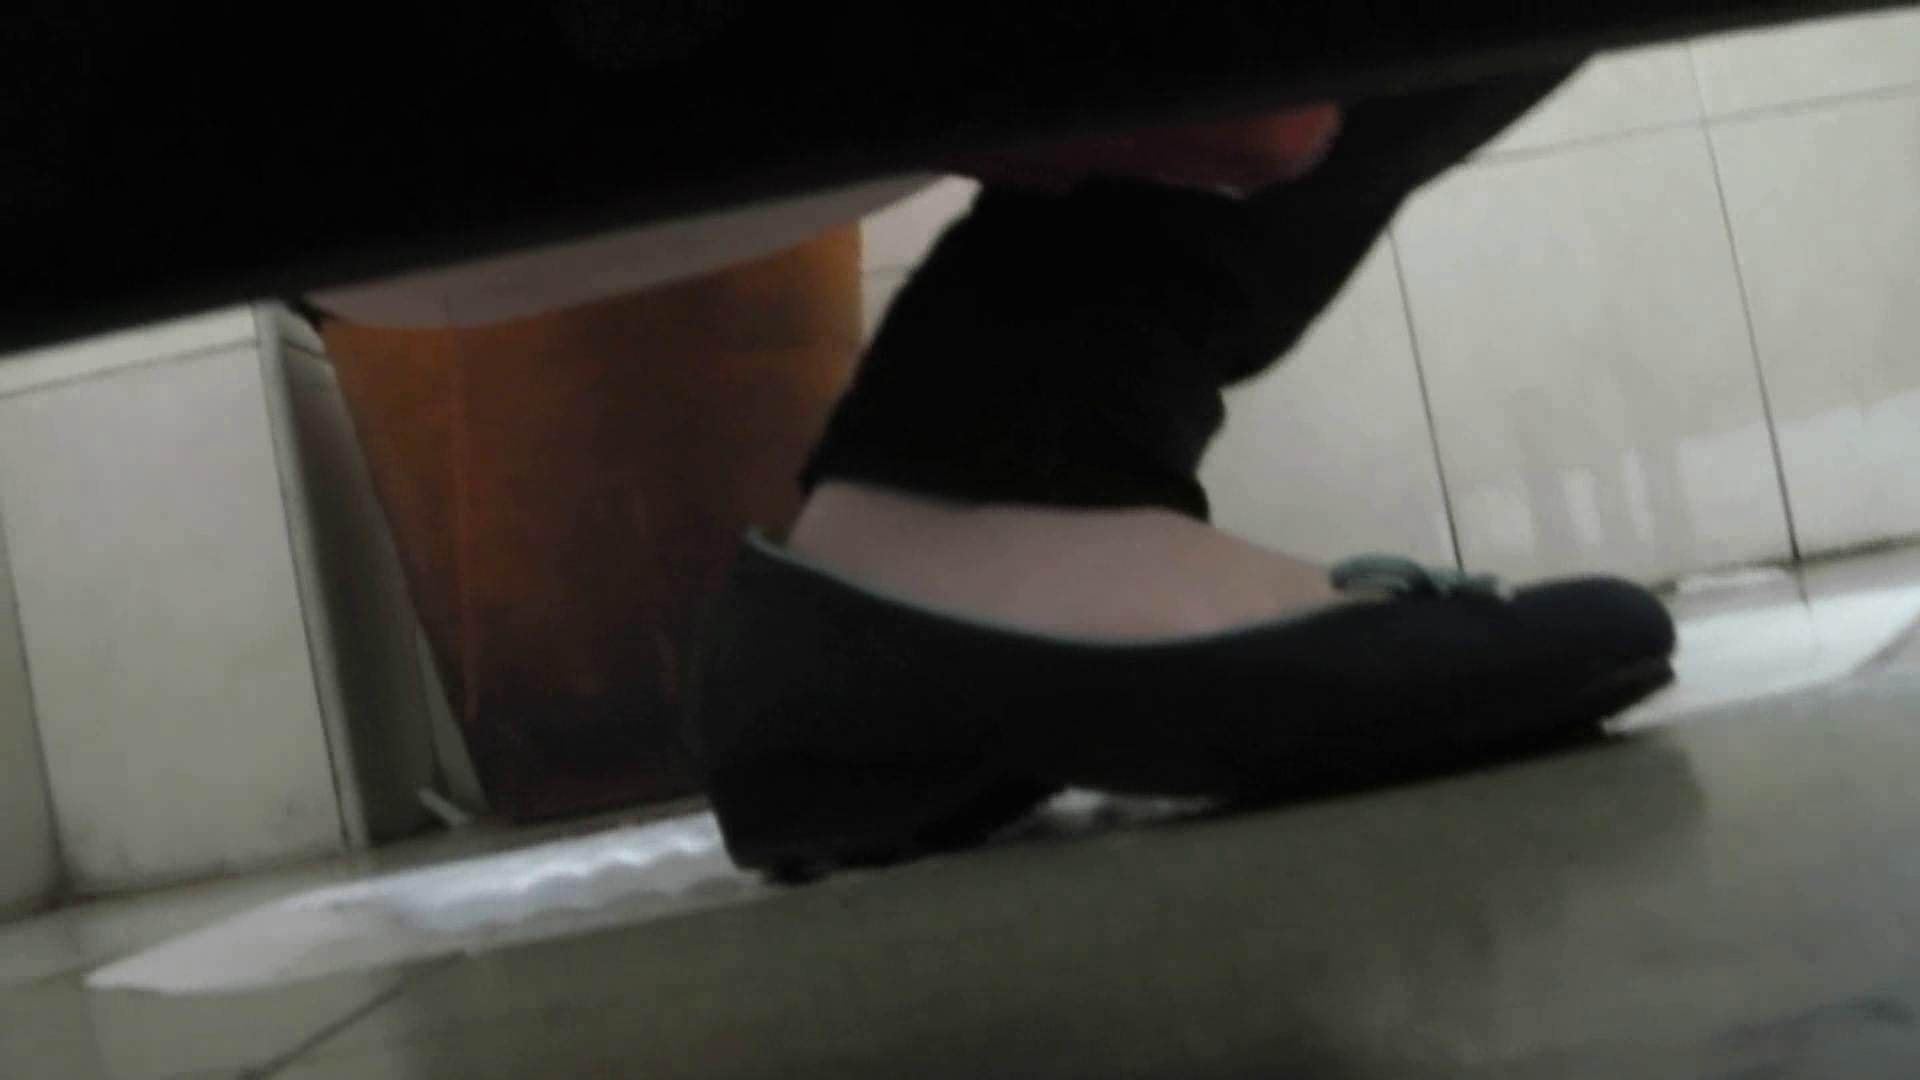 世界の射窓から ステーション編 vol.17厦大女厕偷拍 qianp 洗面所  87PIX 82